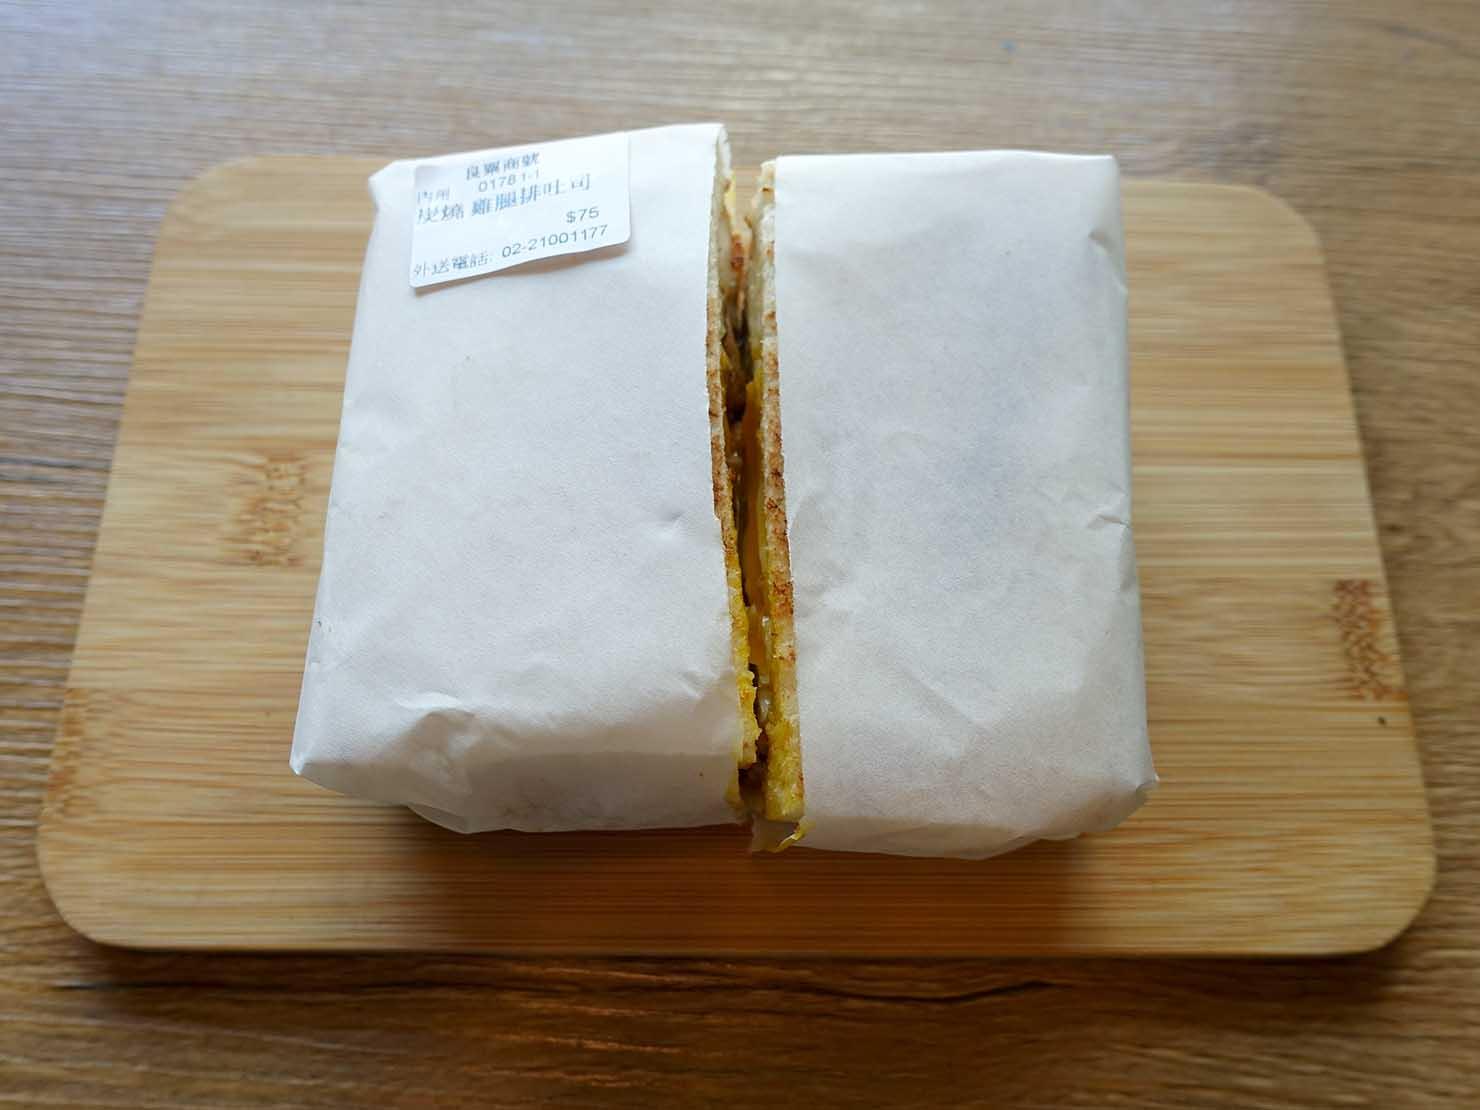 台北・行天宮のおすすめグルメ店「良粟商號」の炭燒雞腿排吐司(炭焼きチキンエッグサンド)開く前